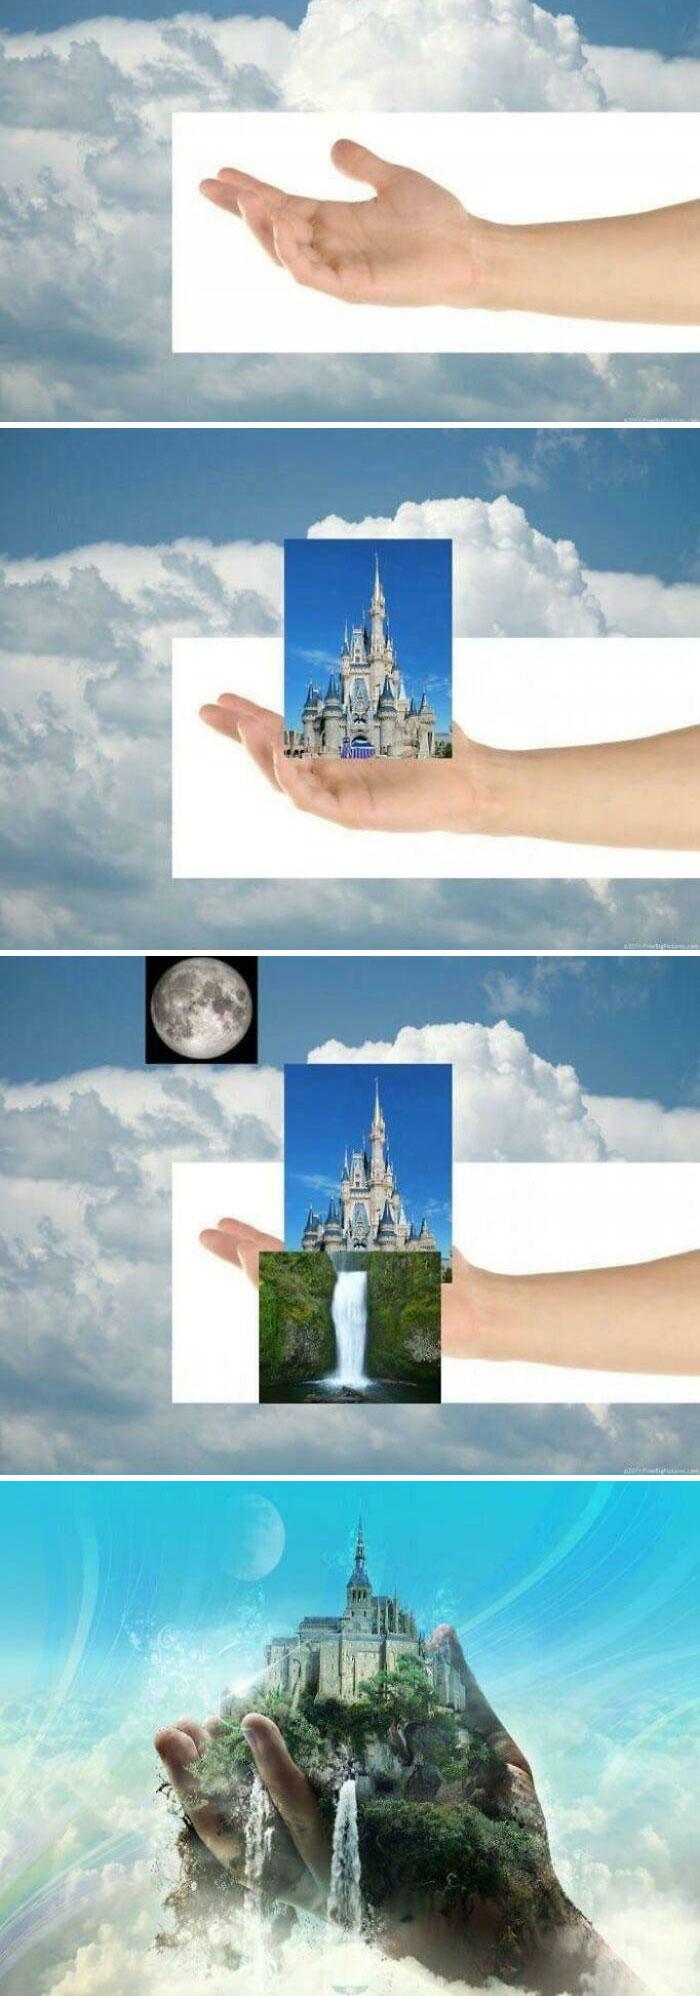 Los tutoriales de Photoshop son así